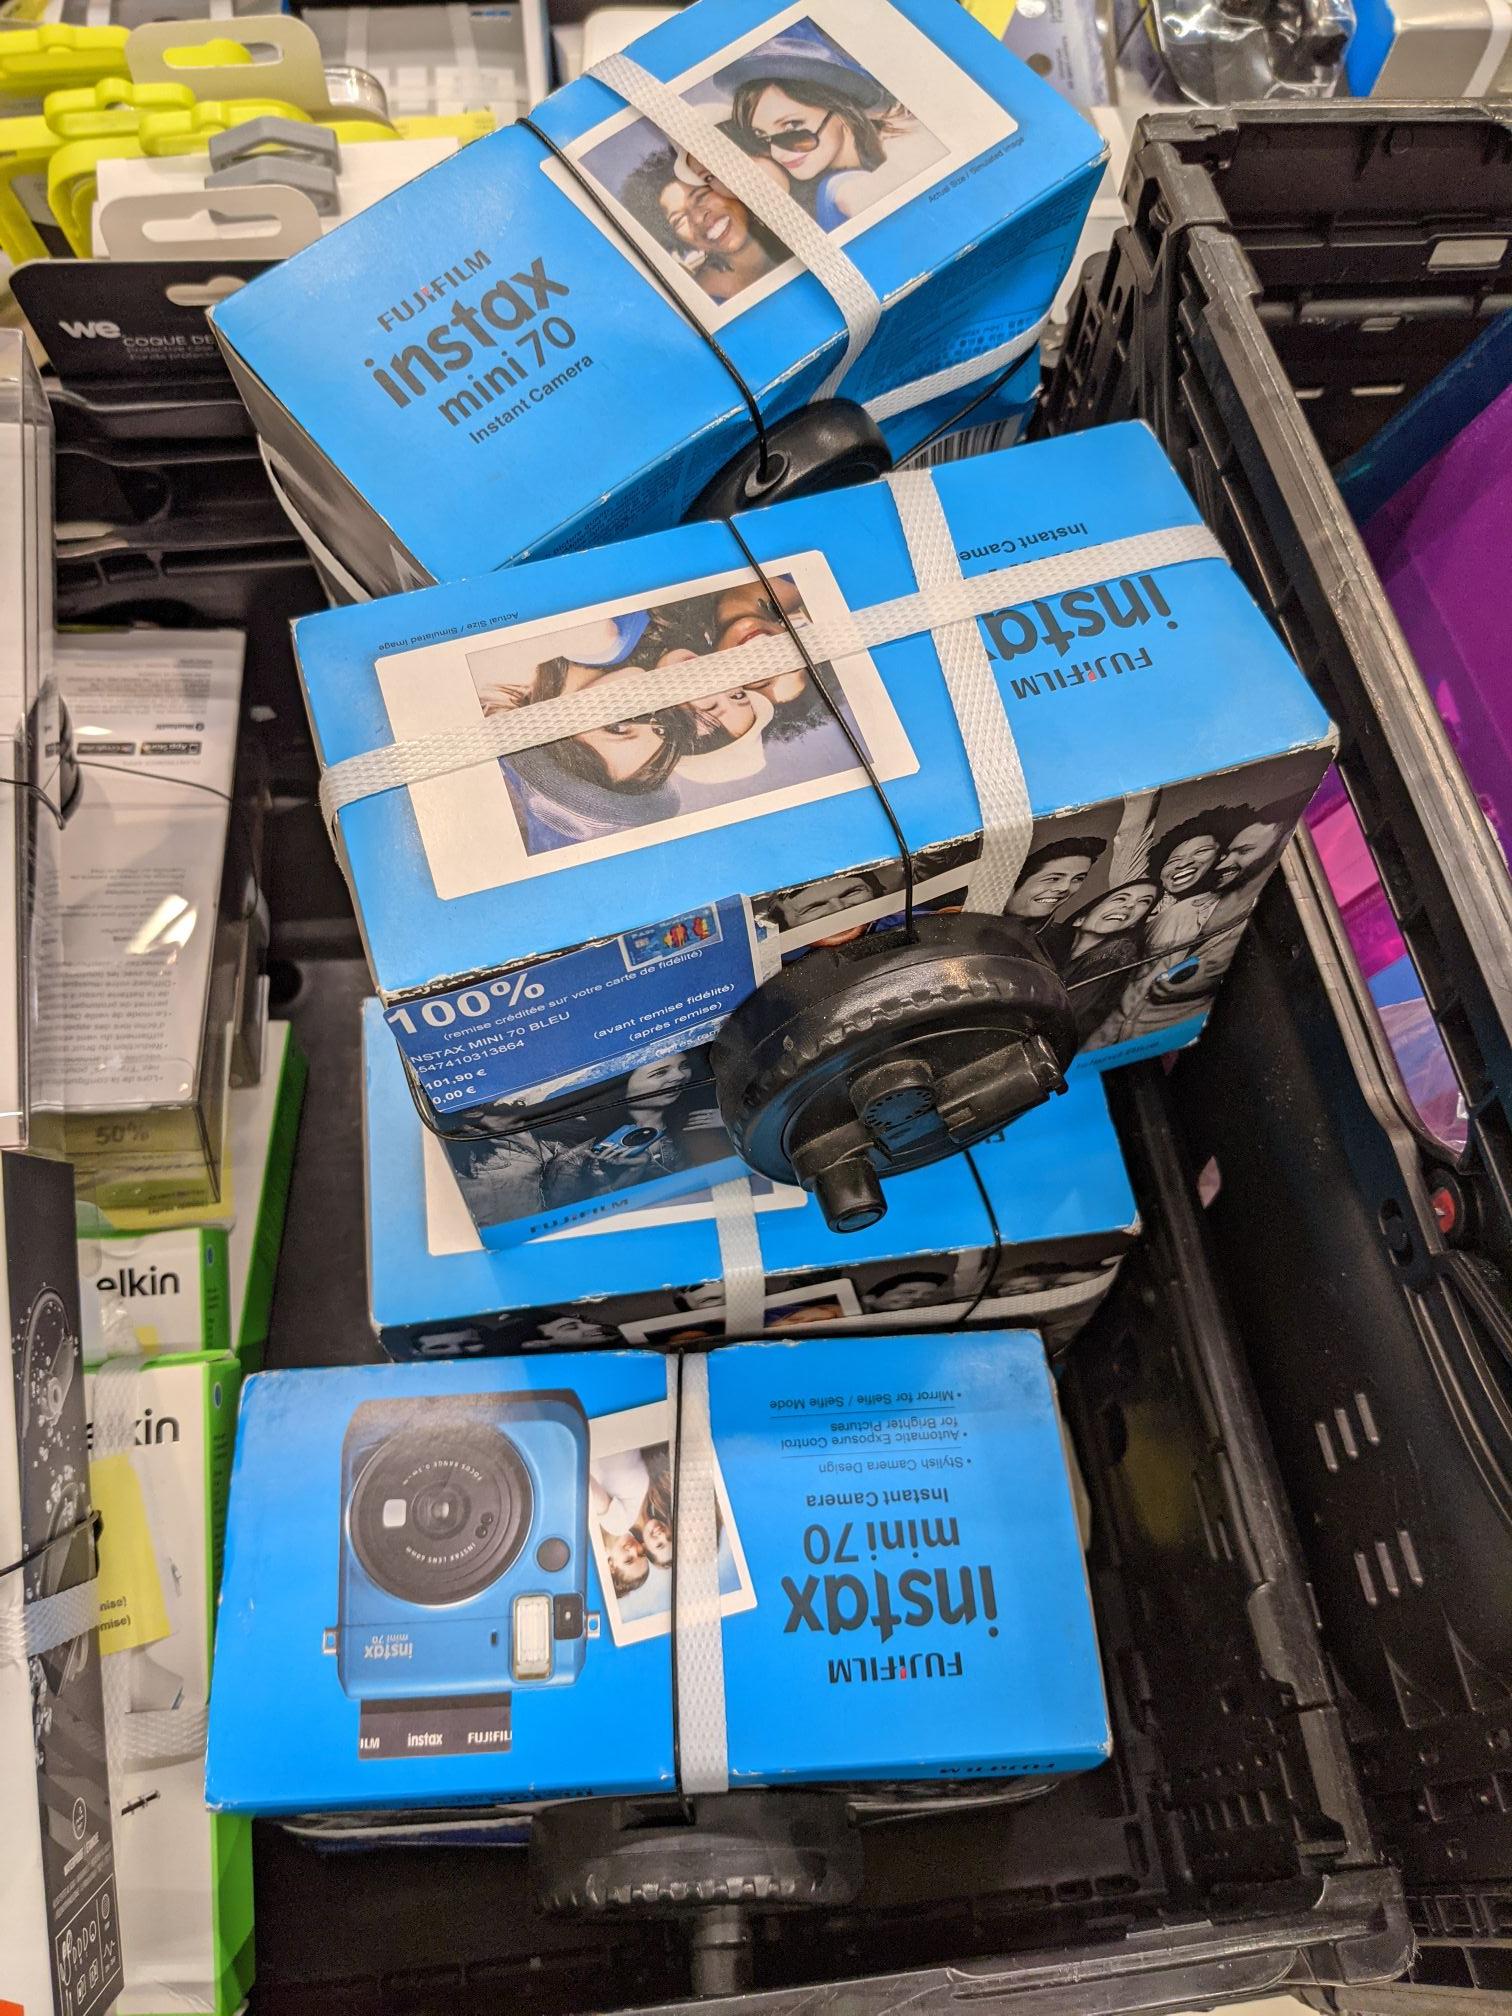 Appareil photo Fujifilm Instax mini 70 (via 101,9€ sur la carte fidélité) - Auchy-les-mines (62)